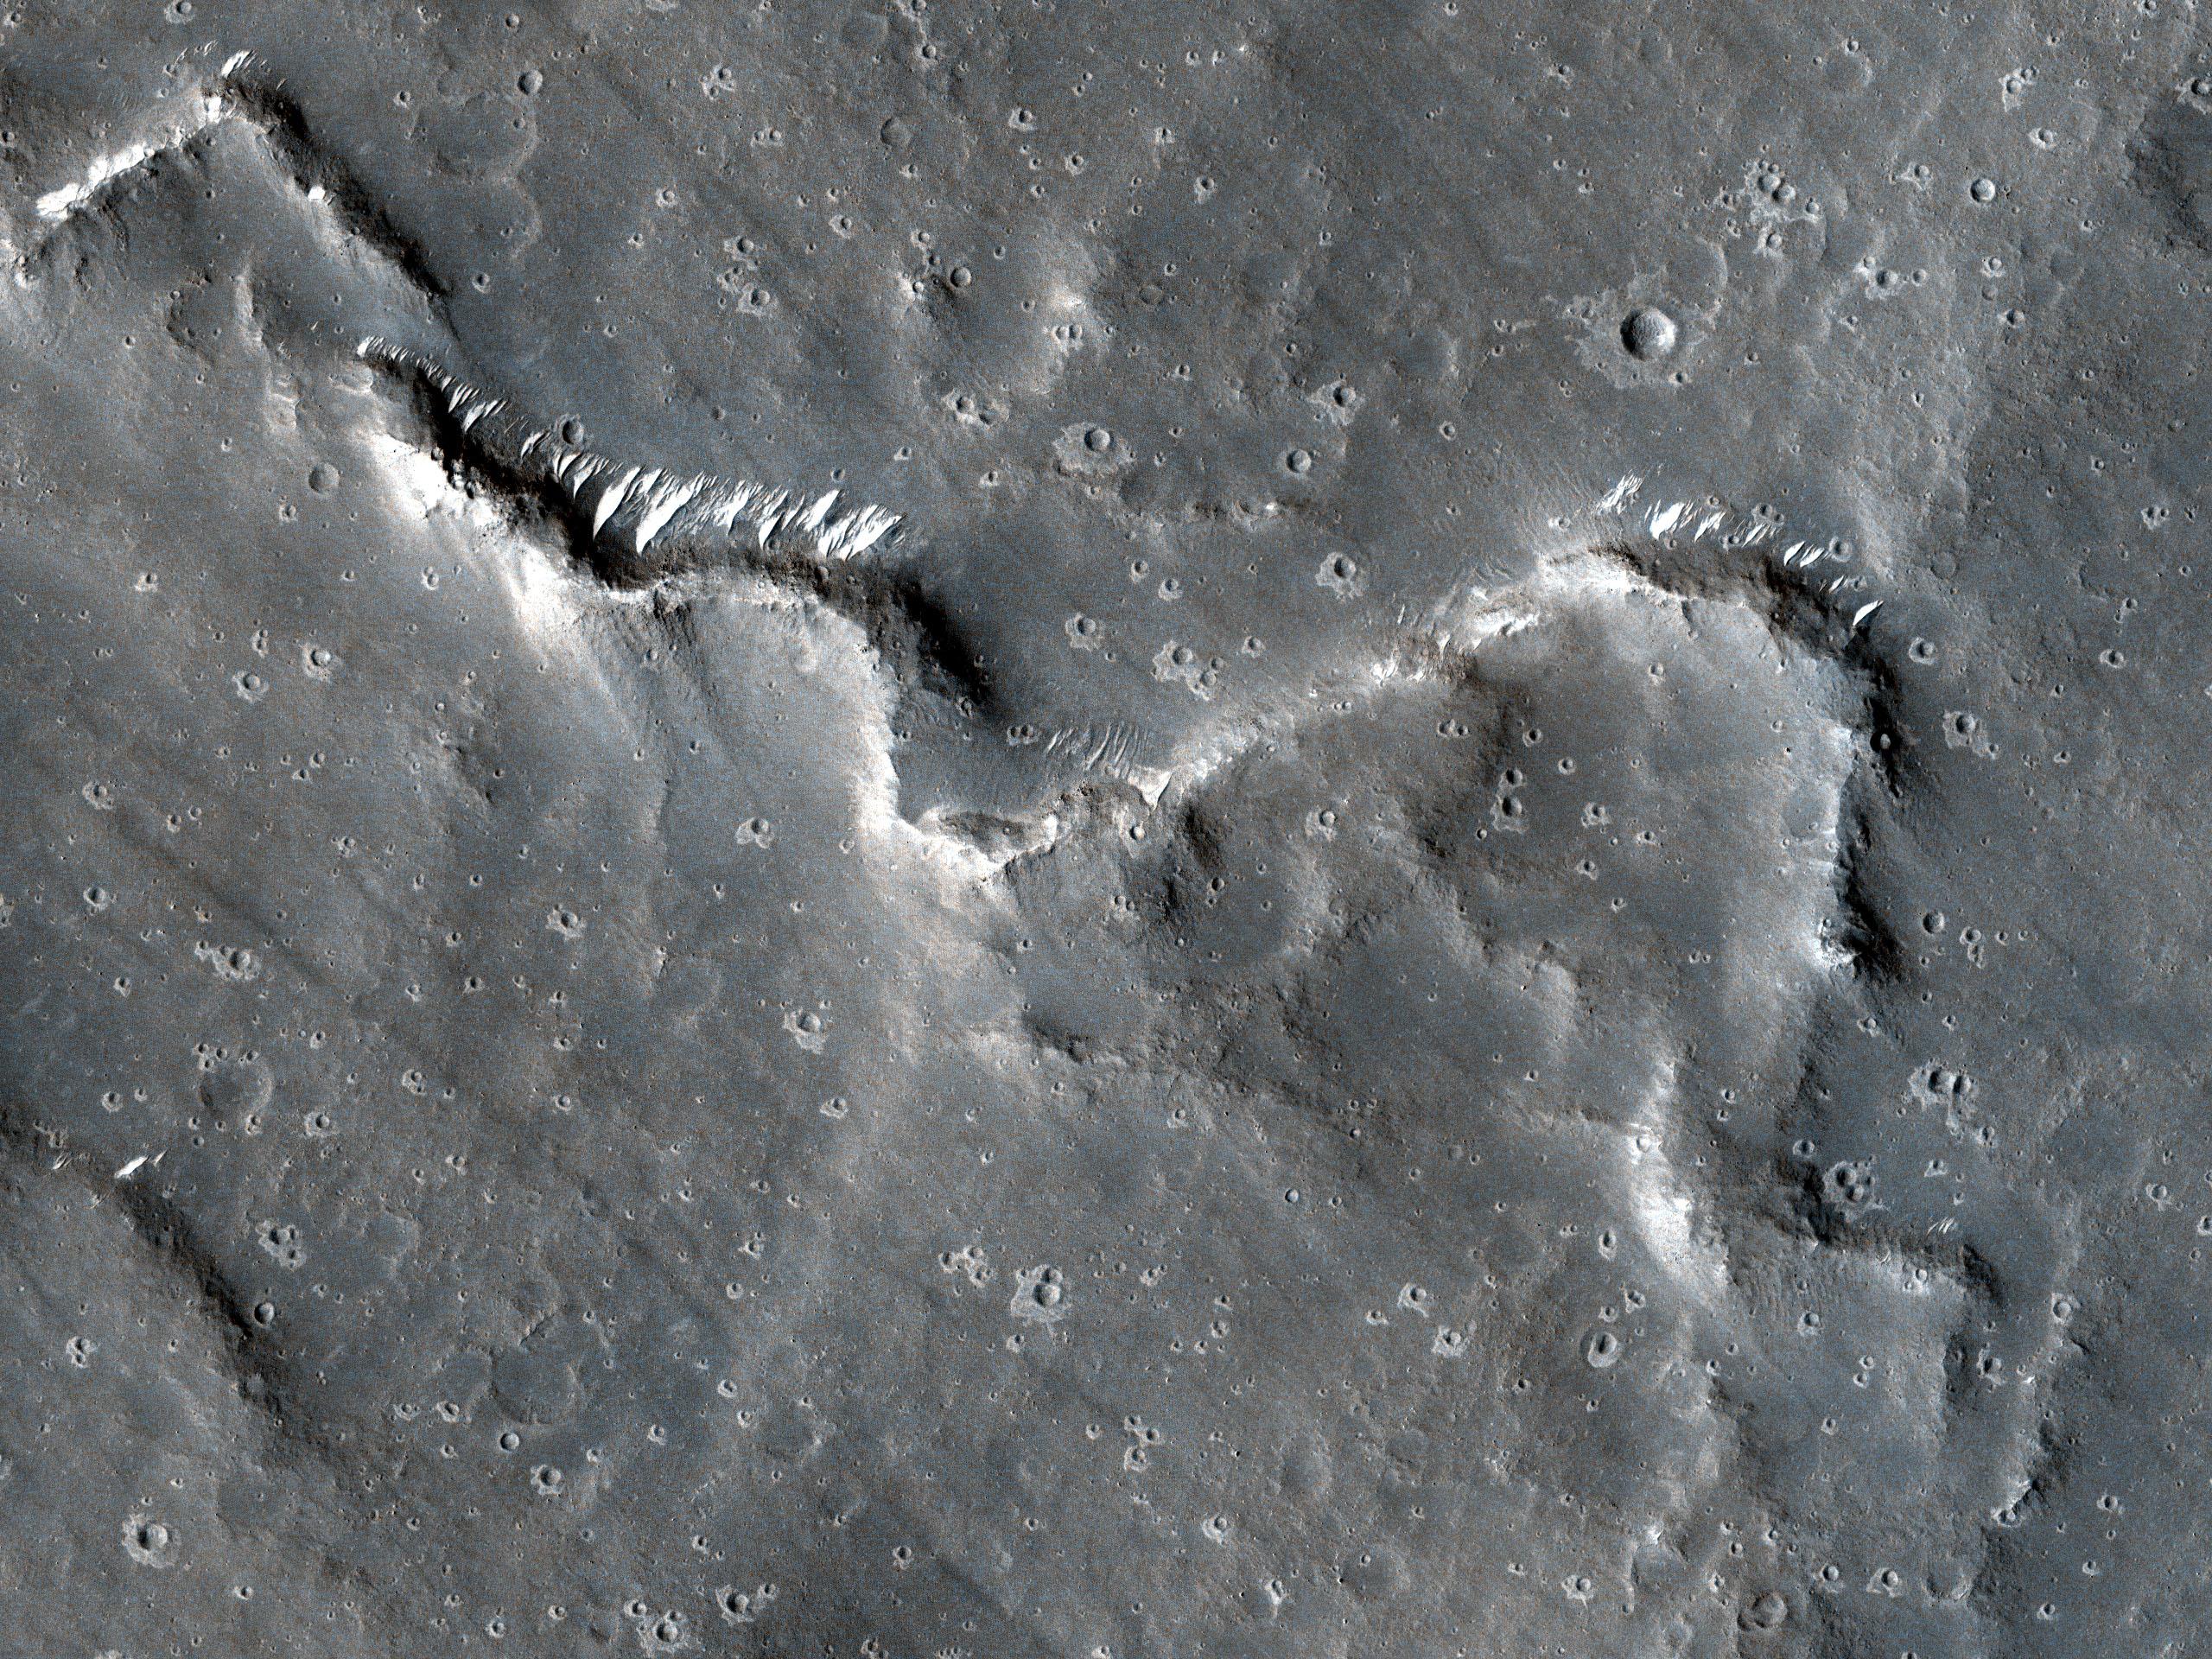 Sinuous Ridges in Elysium Planitia